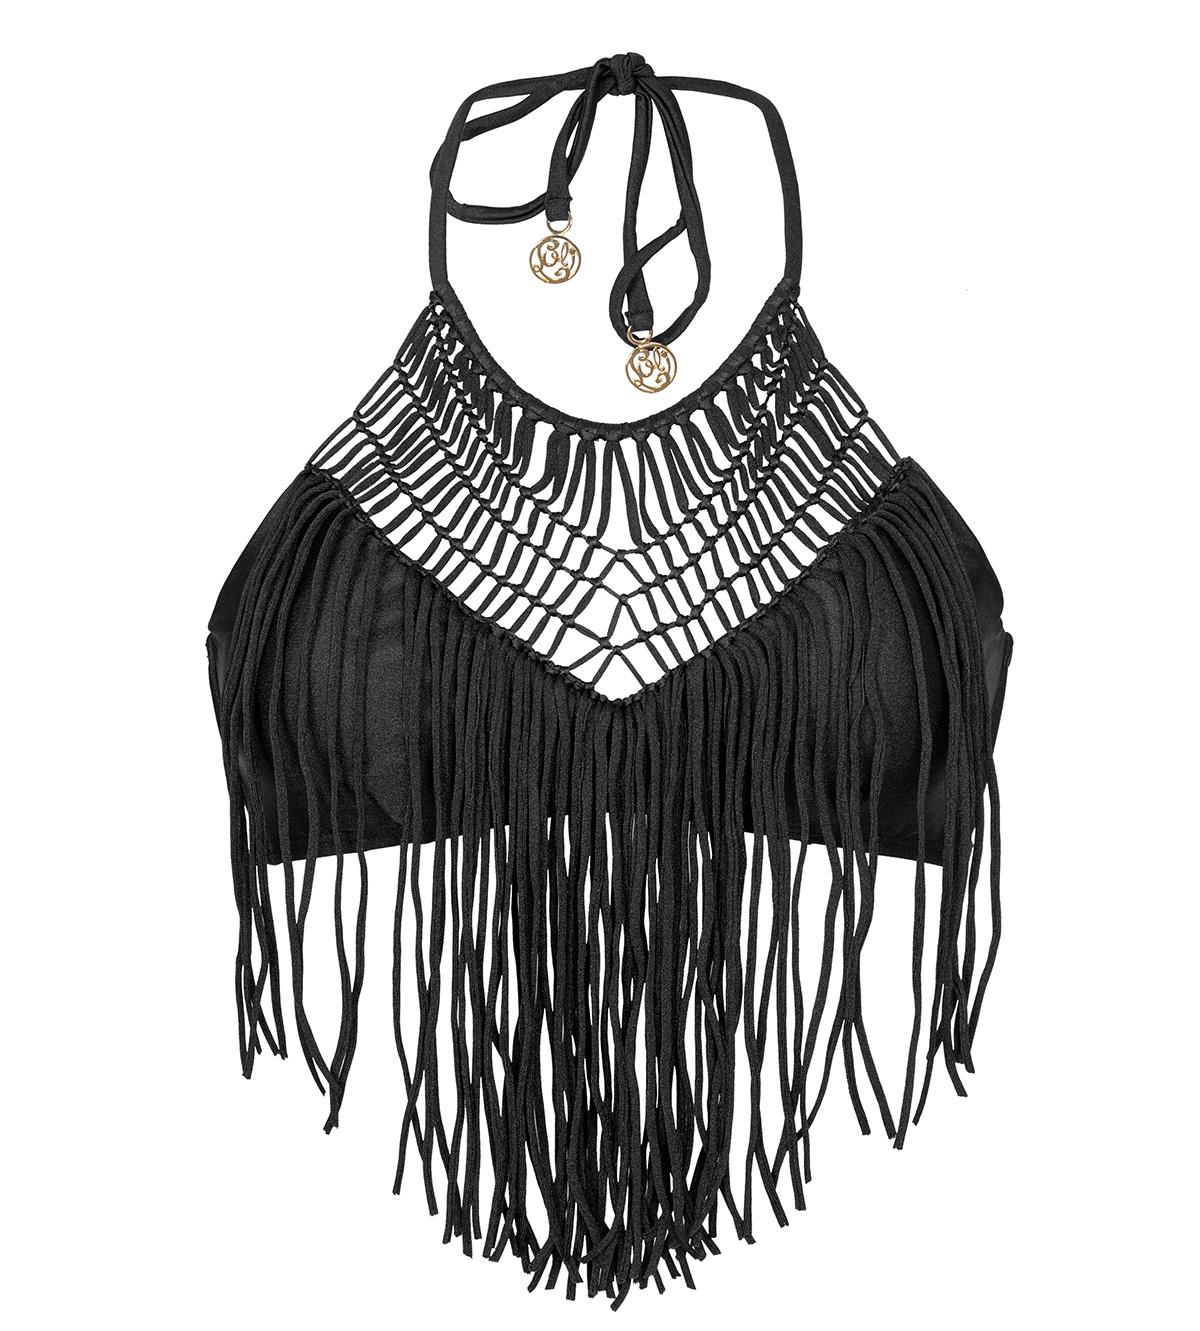 crop top bikini oberteil farbe schwarz mit makramee und. Black Bedroom Furniture Sets. Home Design Ideas